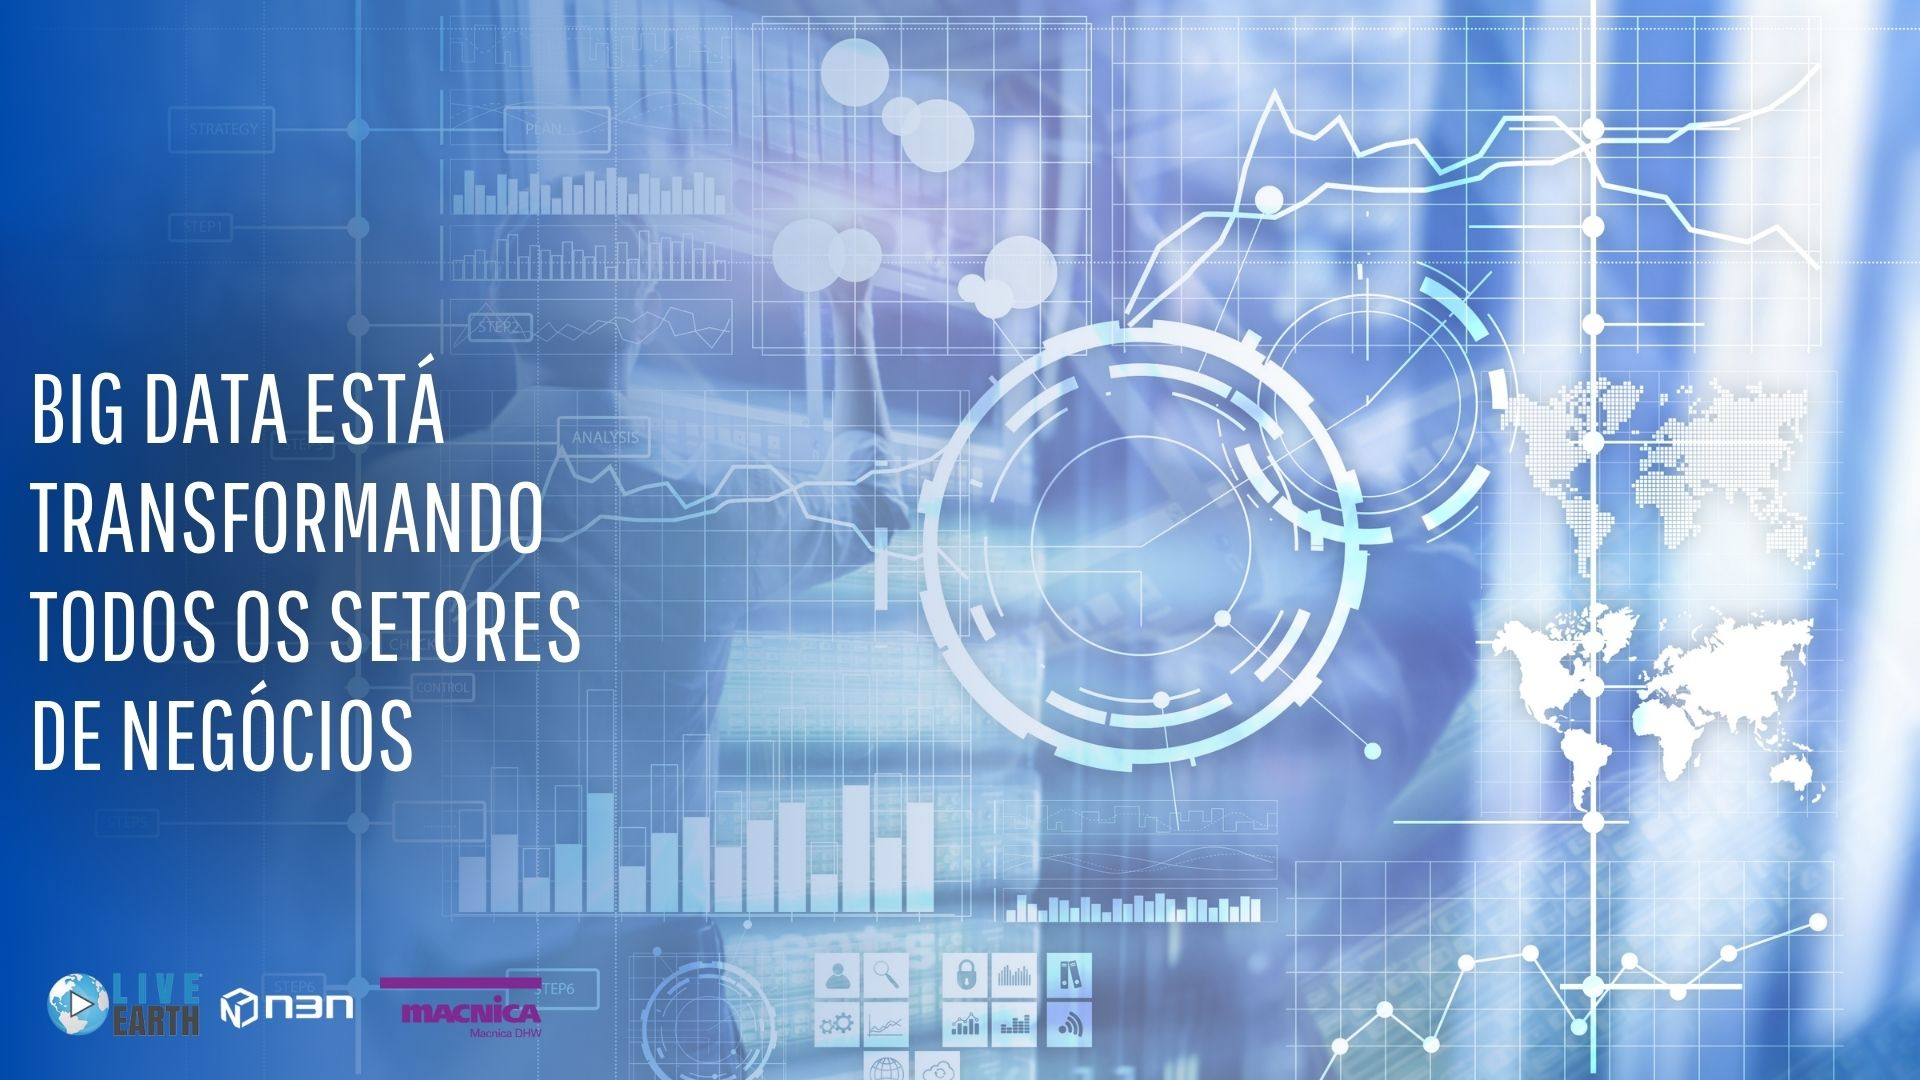 Big Data transformando todos os setores de negócios